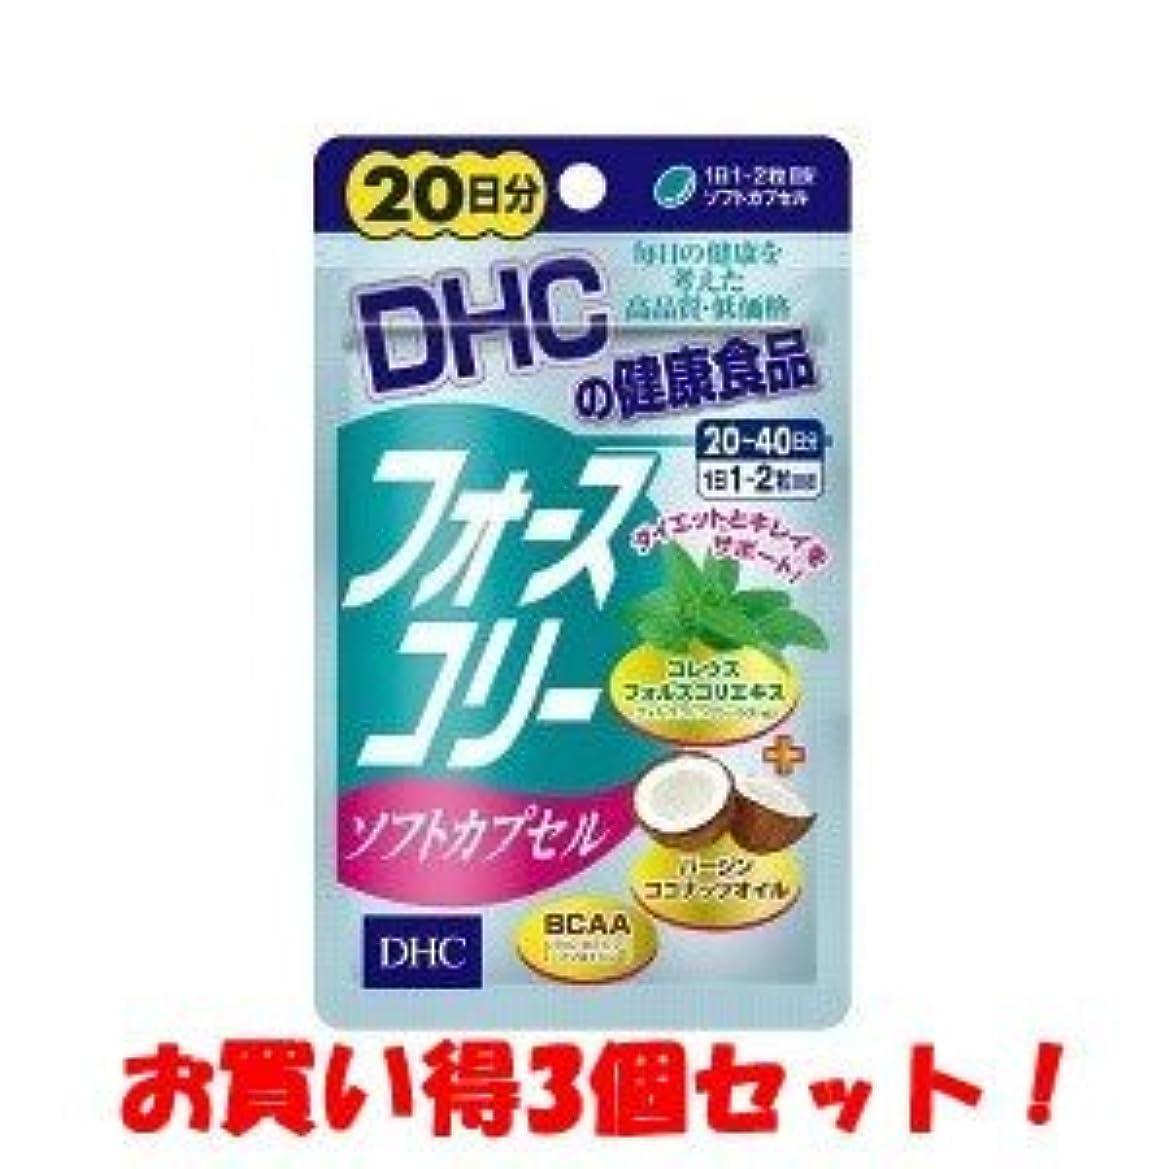 うんイルダイアクリティカル(2017年春の新商品)DHC フォースコリー ソフトカプセル 20日分 40粒(お買い得3個セット)